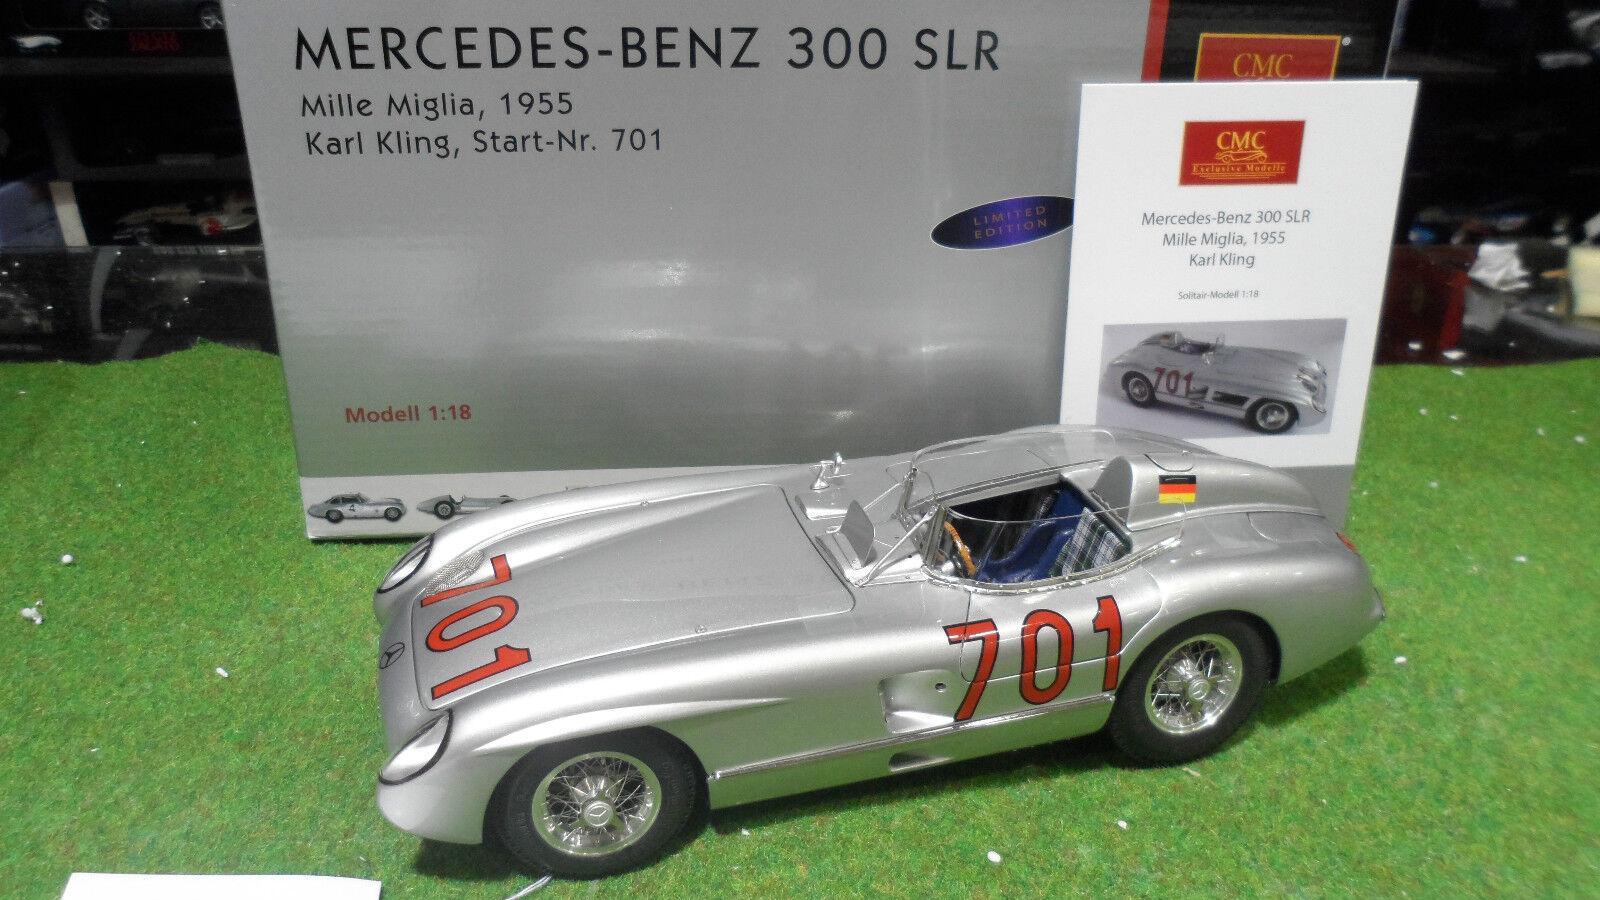 tienda de venta en línea MERCEDES-BENZ 300 SLR 1955 KLING MILLE MIGLIA au 1 1 1 18 CMC M118 voiture miniature